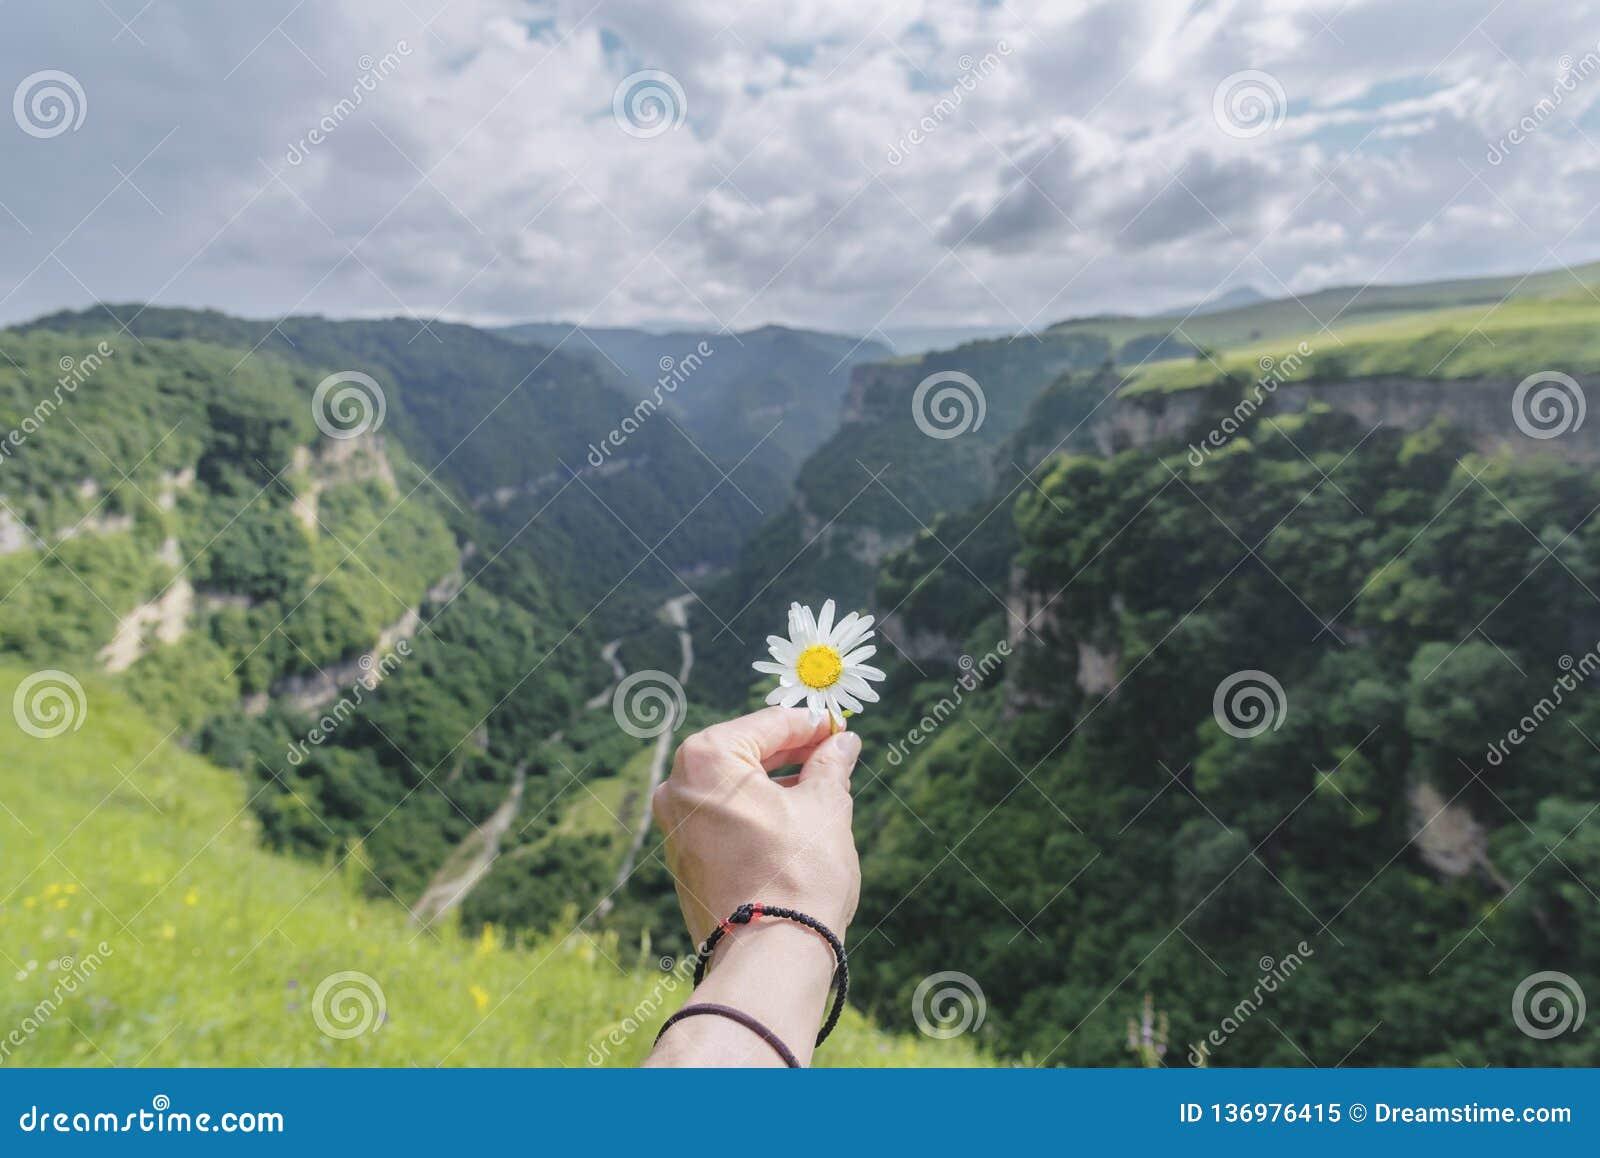 La mano de la mujer con la manzanilla en el fondo